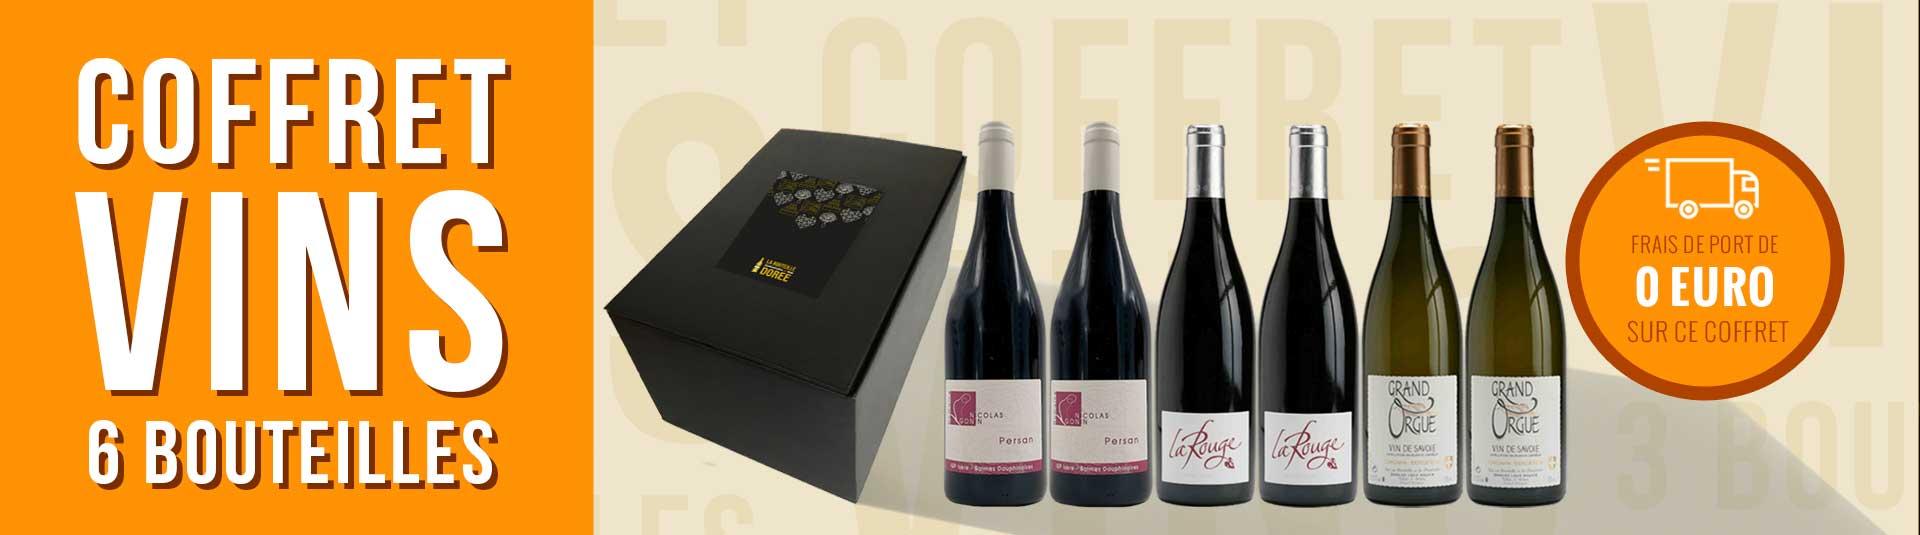 Coffret vin Savoie 6 bouteilles